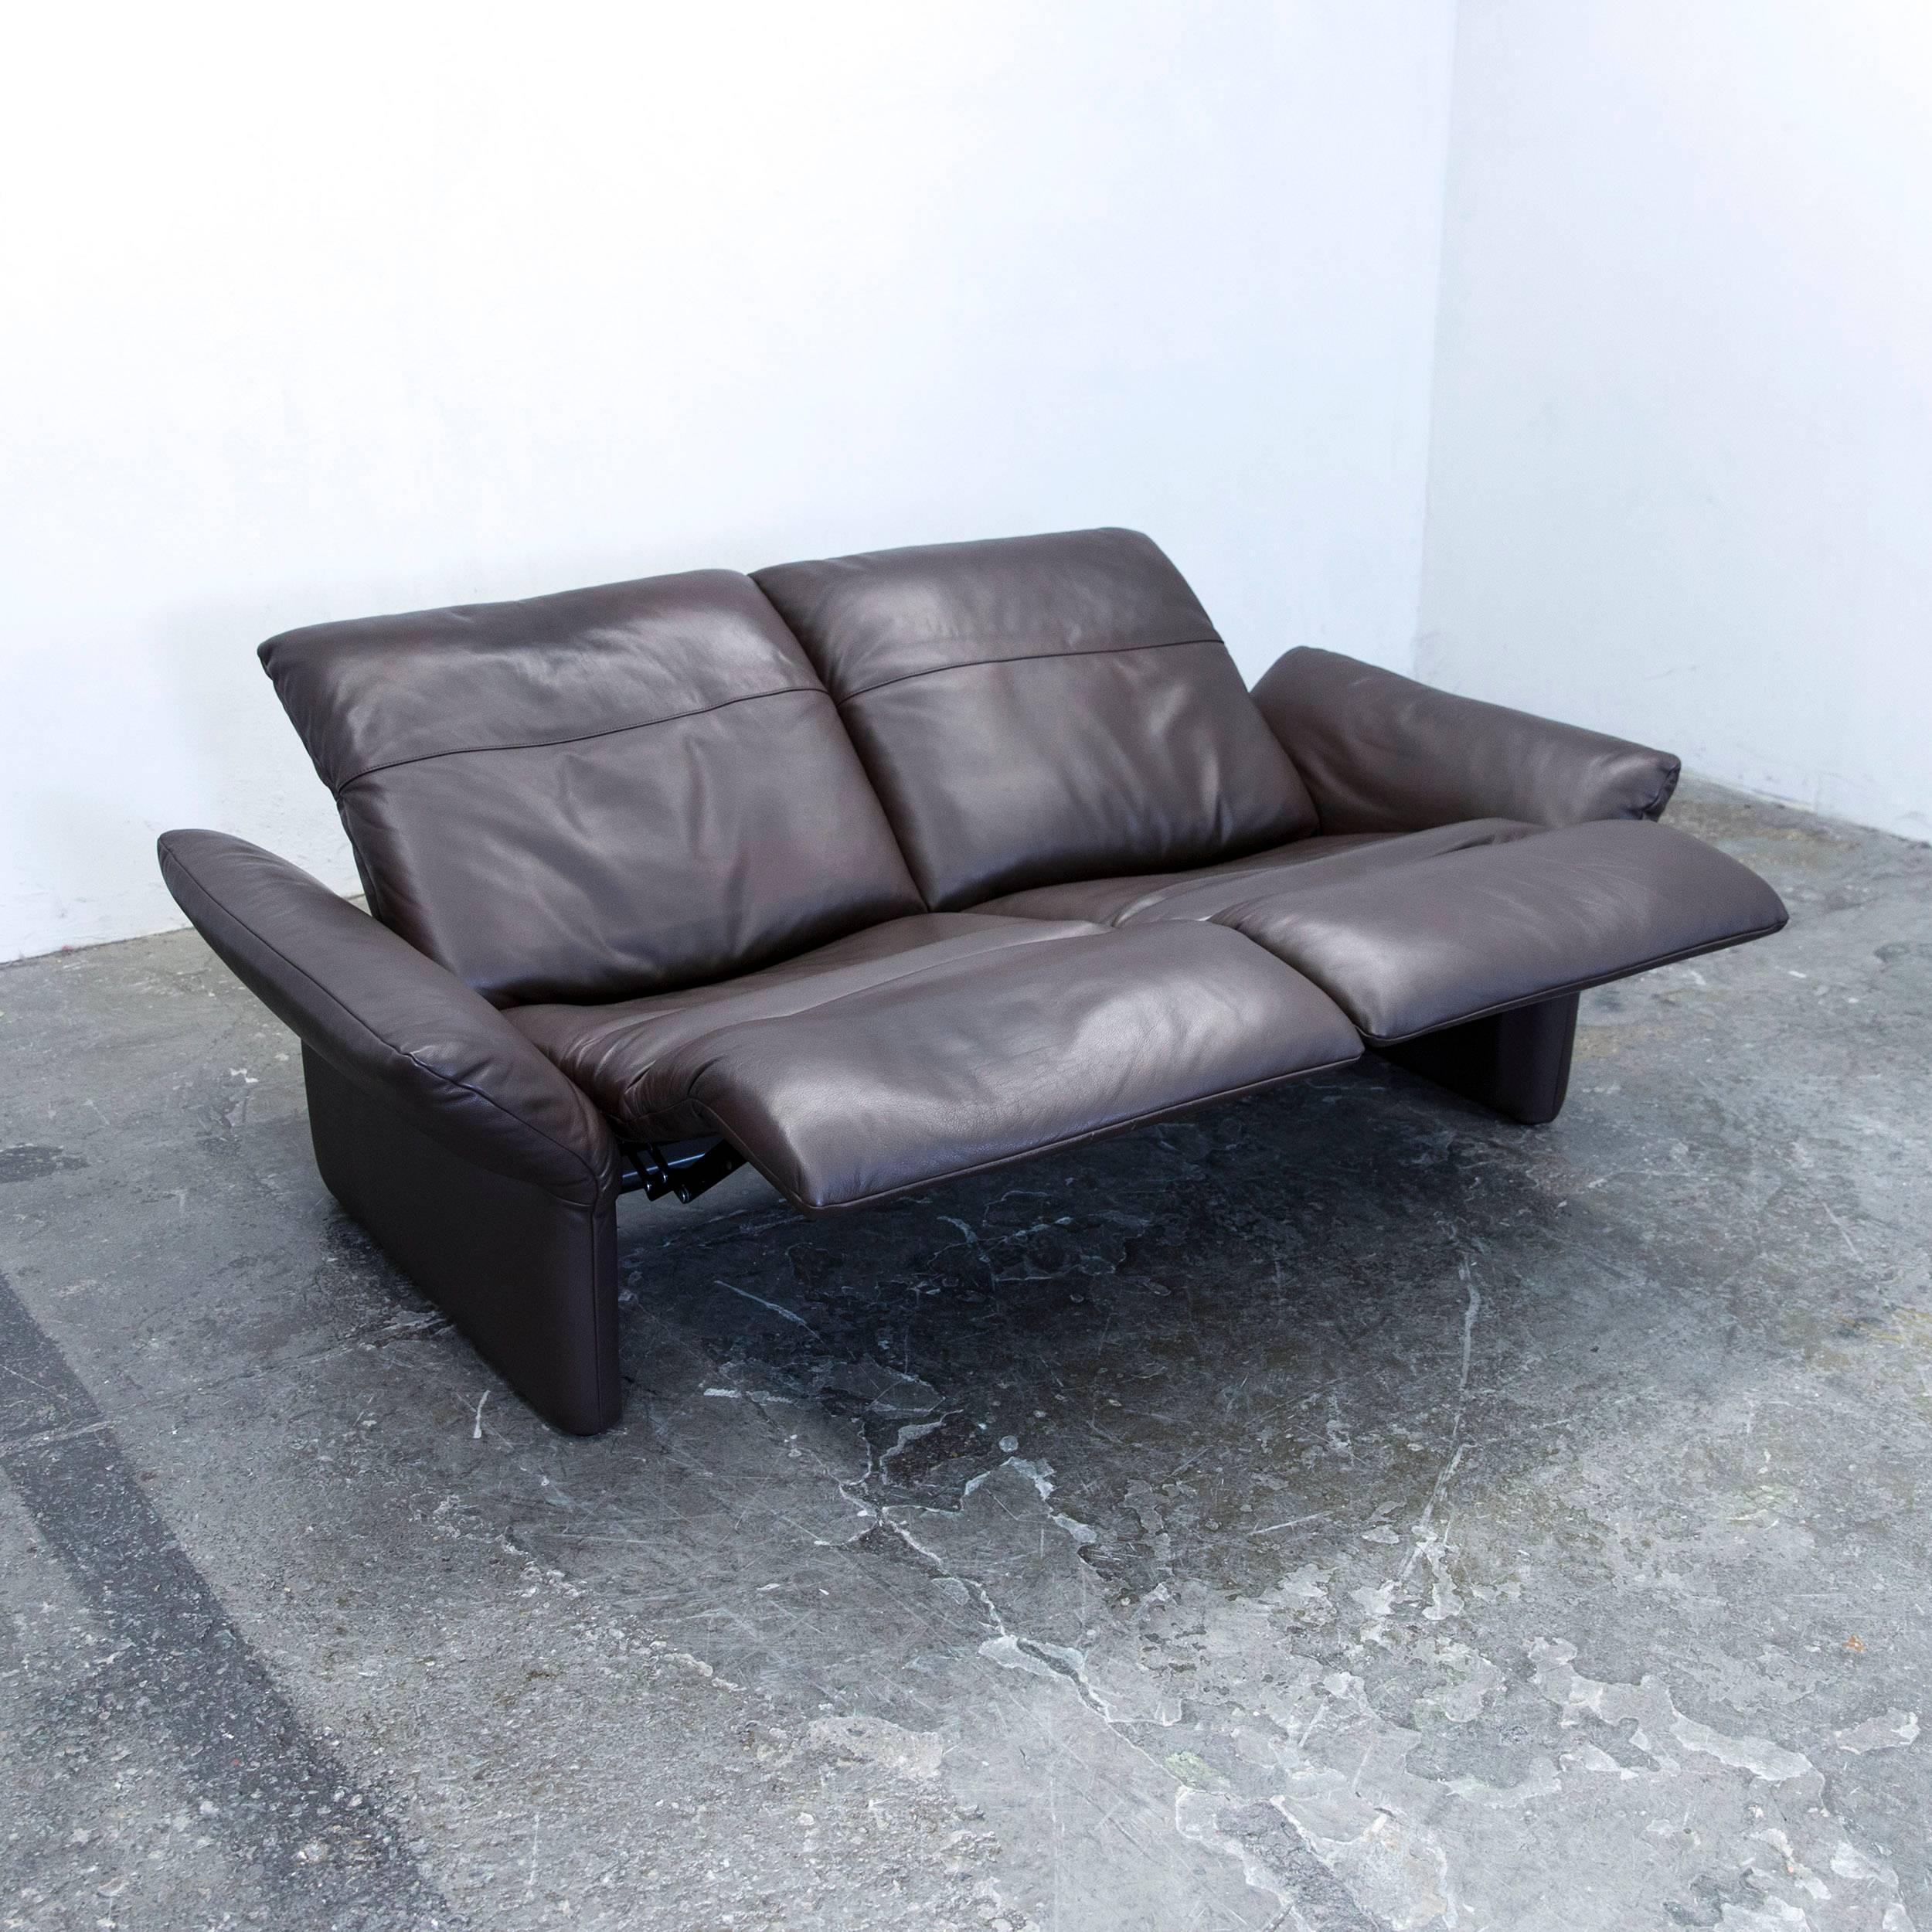 Großartig Sofa Und Sessel Das Beste Von Elegant German Koinor Elena Designer Set Leather